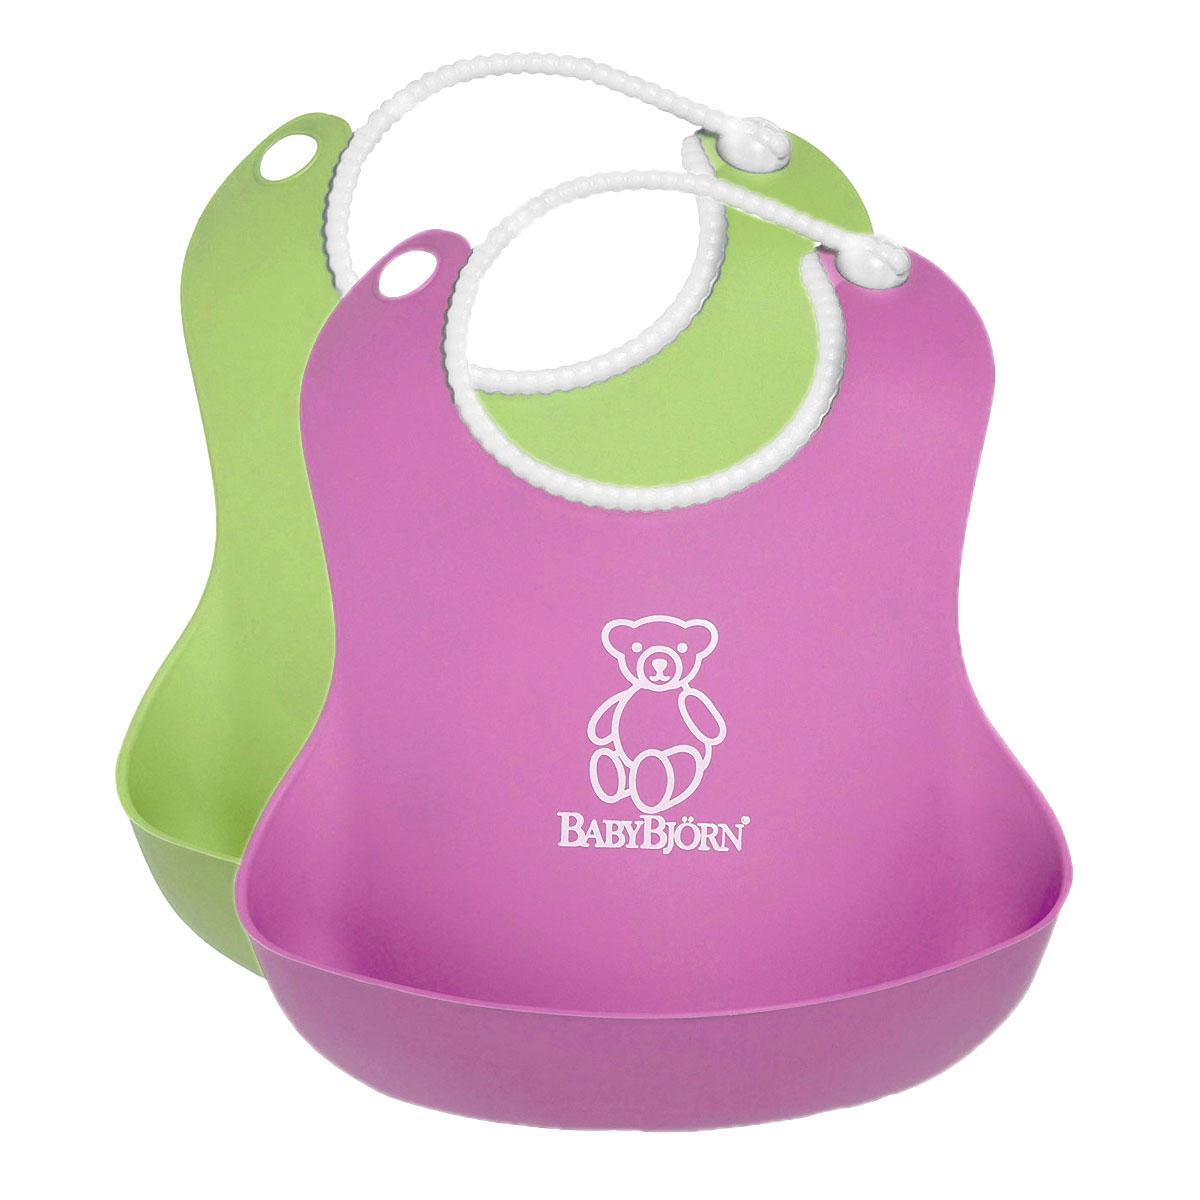 Комплект нагрудников BabyBjorn, цвет: розовый, салатовый, 2 шт0462.01